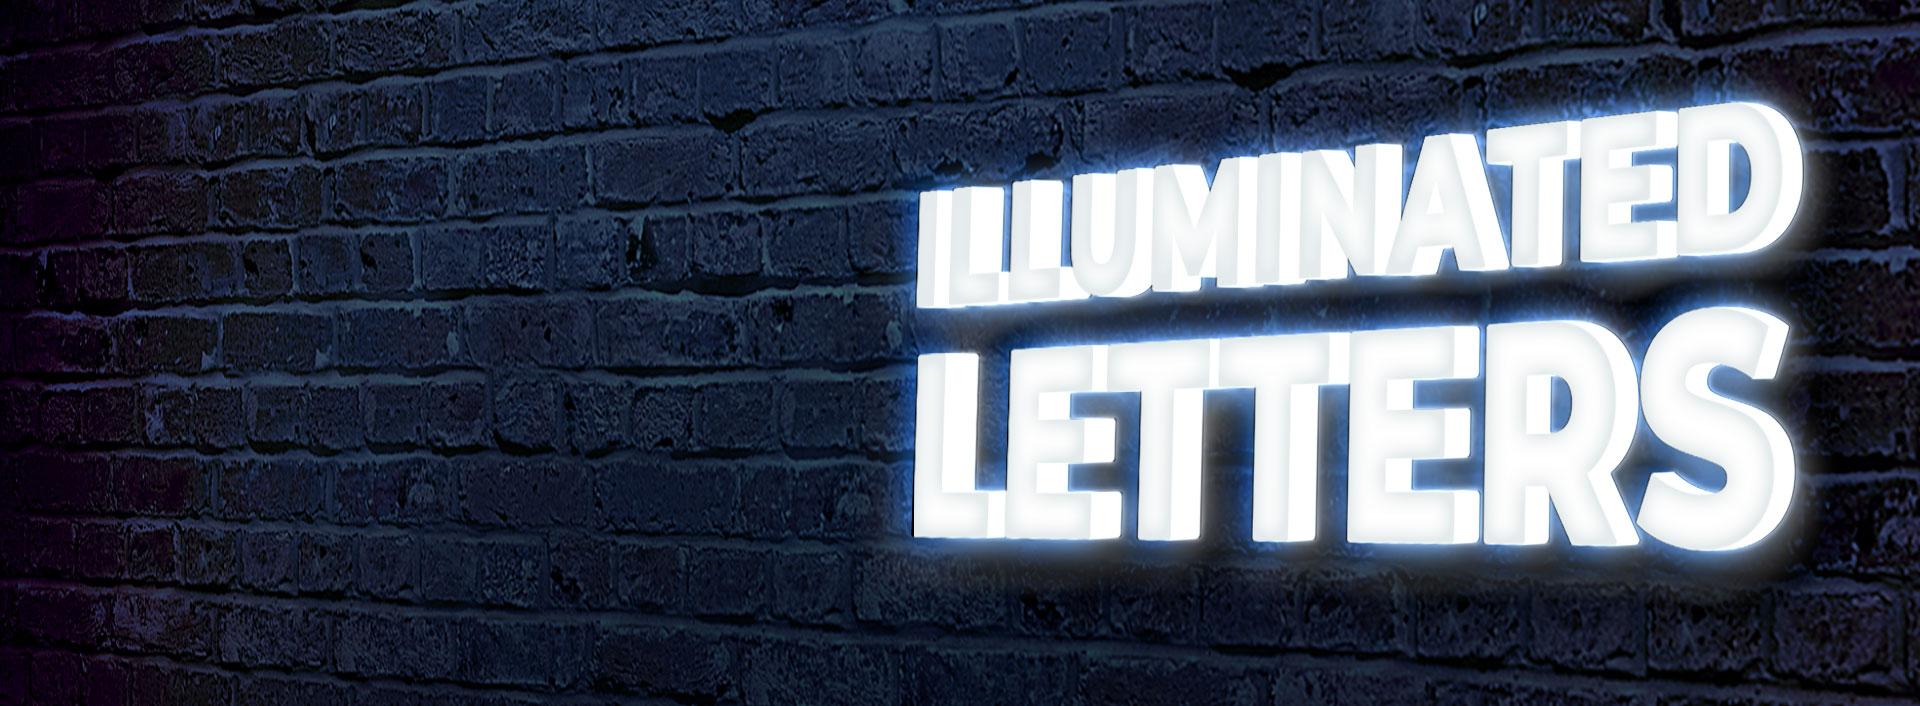 Eye-catching Illuminated Letters